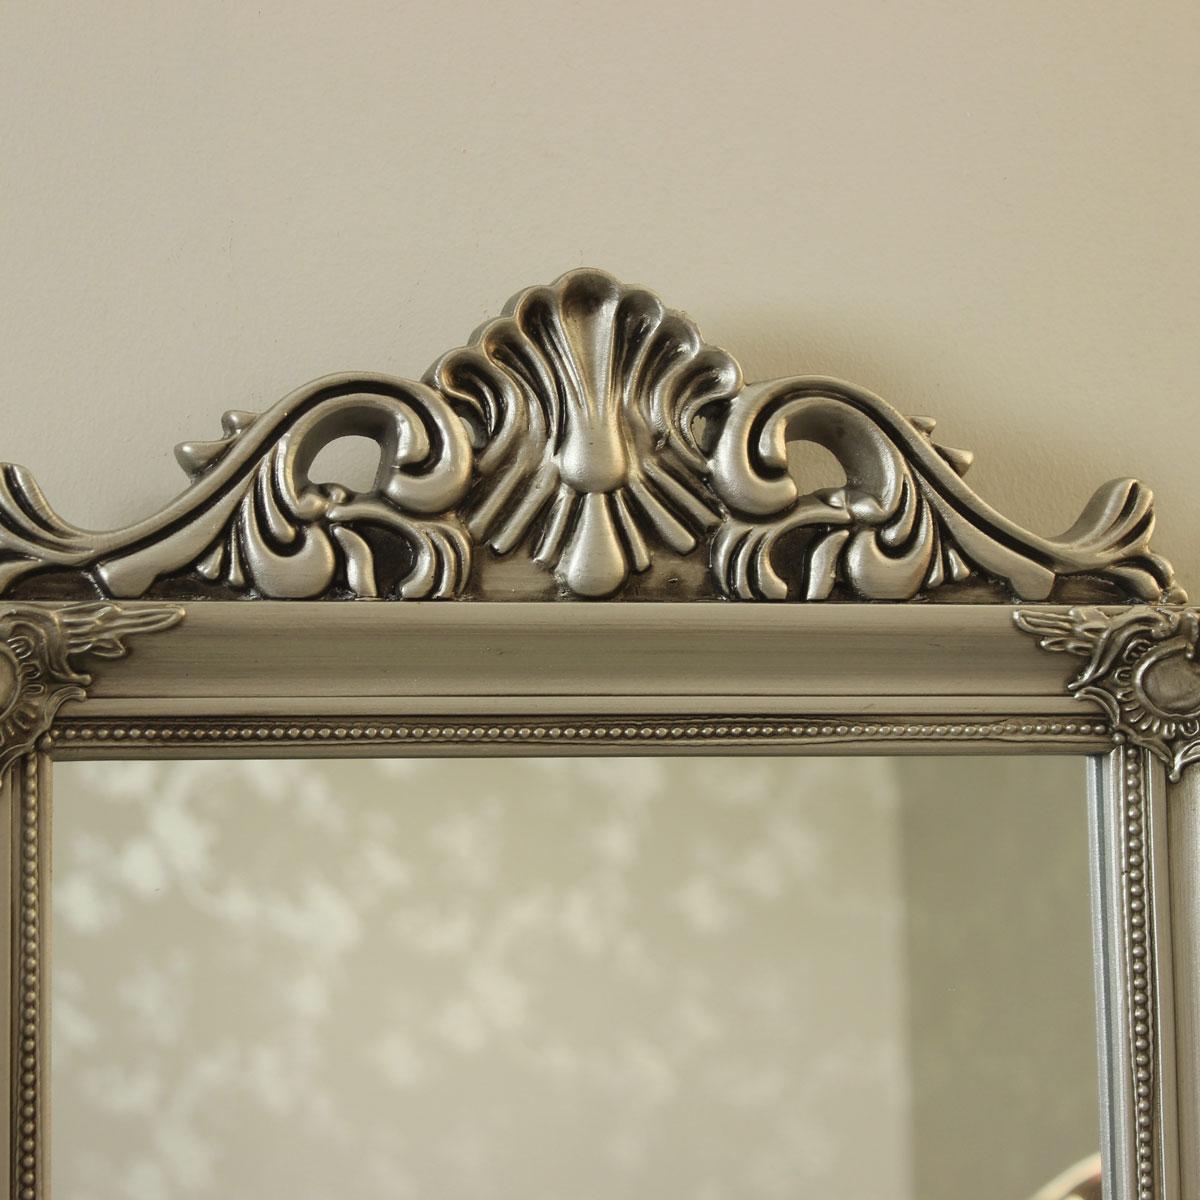 Argent Résine Décoration coiffeuse Triple Miroir Shabby Français Chic Chambre Maison